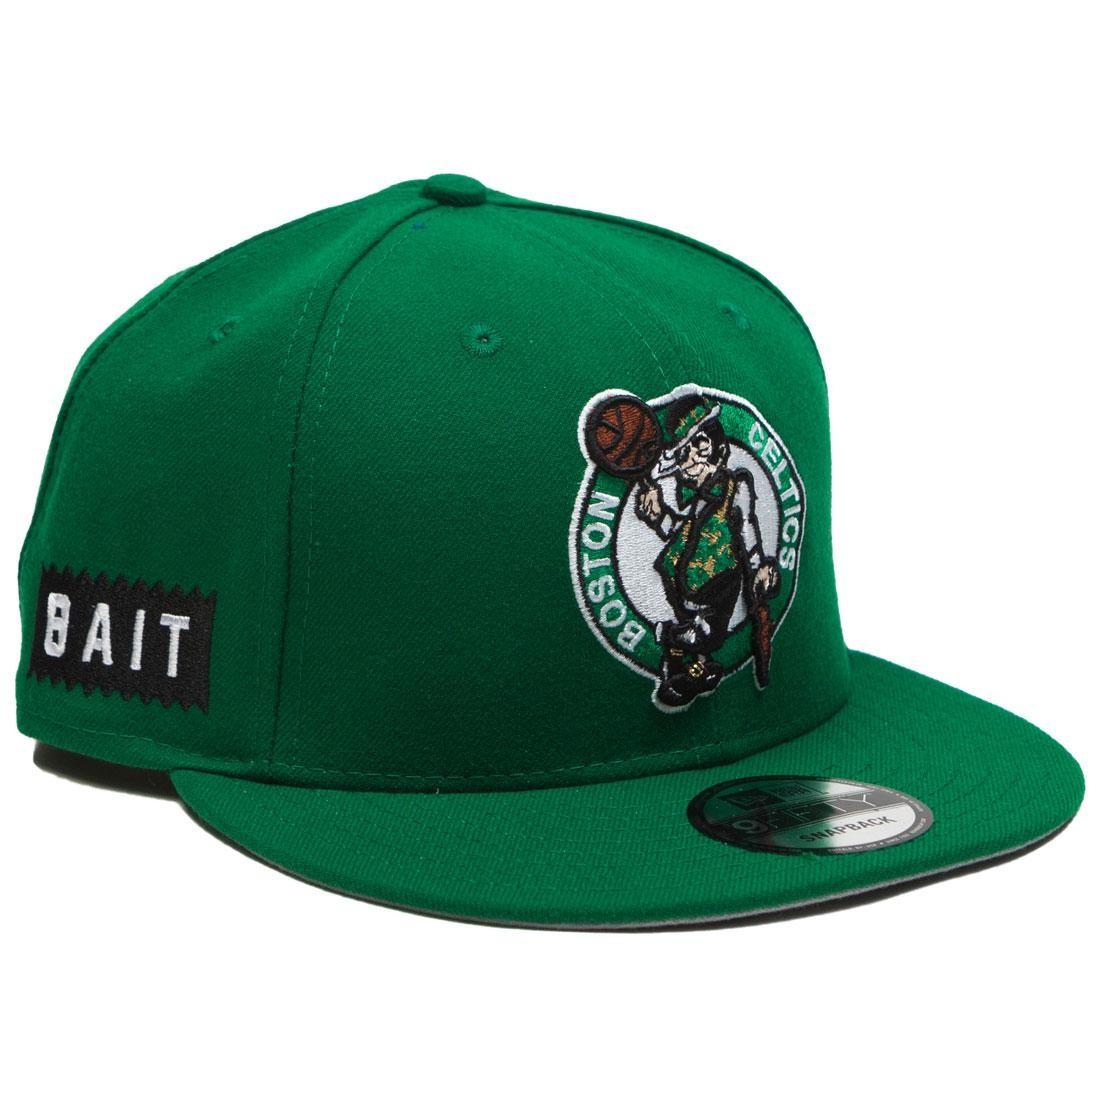 BAIT x NBA X New Era 9Fifty Boston Celtics OTC Snapback Cap (green)